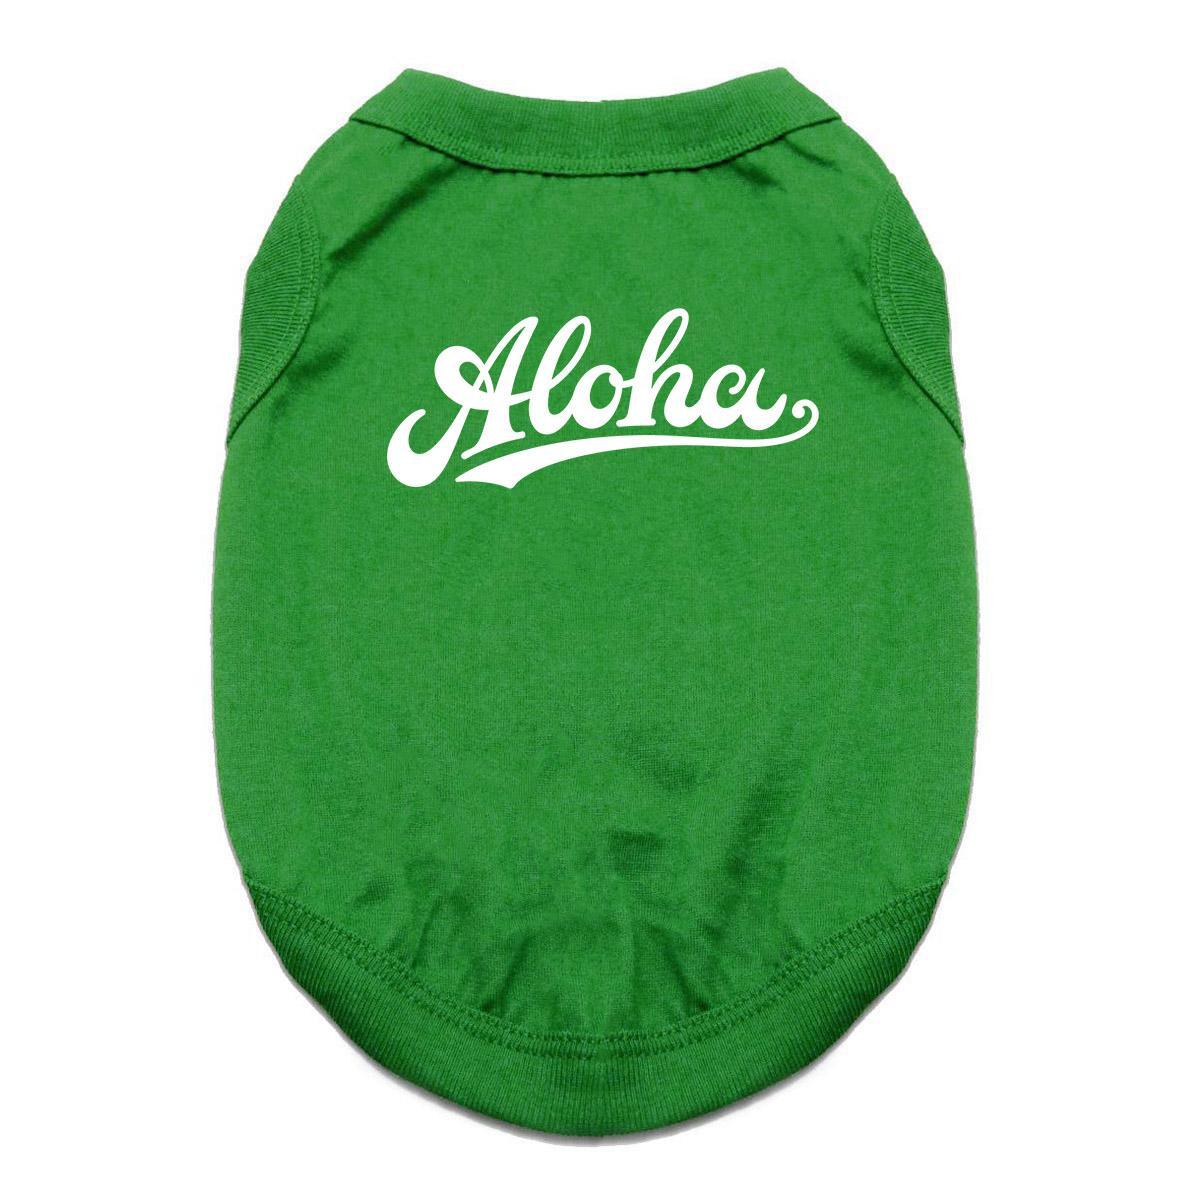 Aloha Dog Shirt - Green